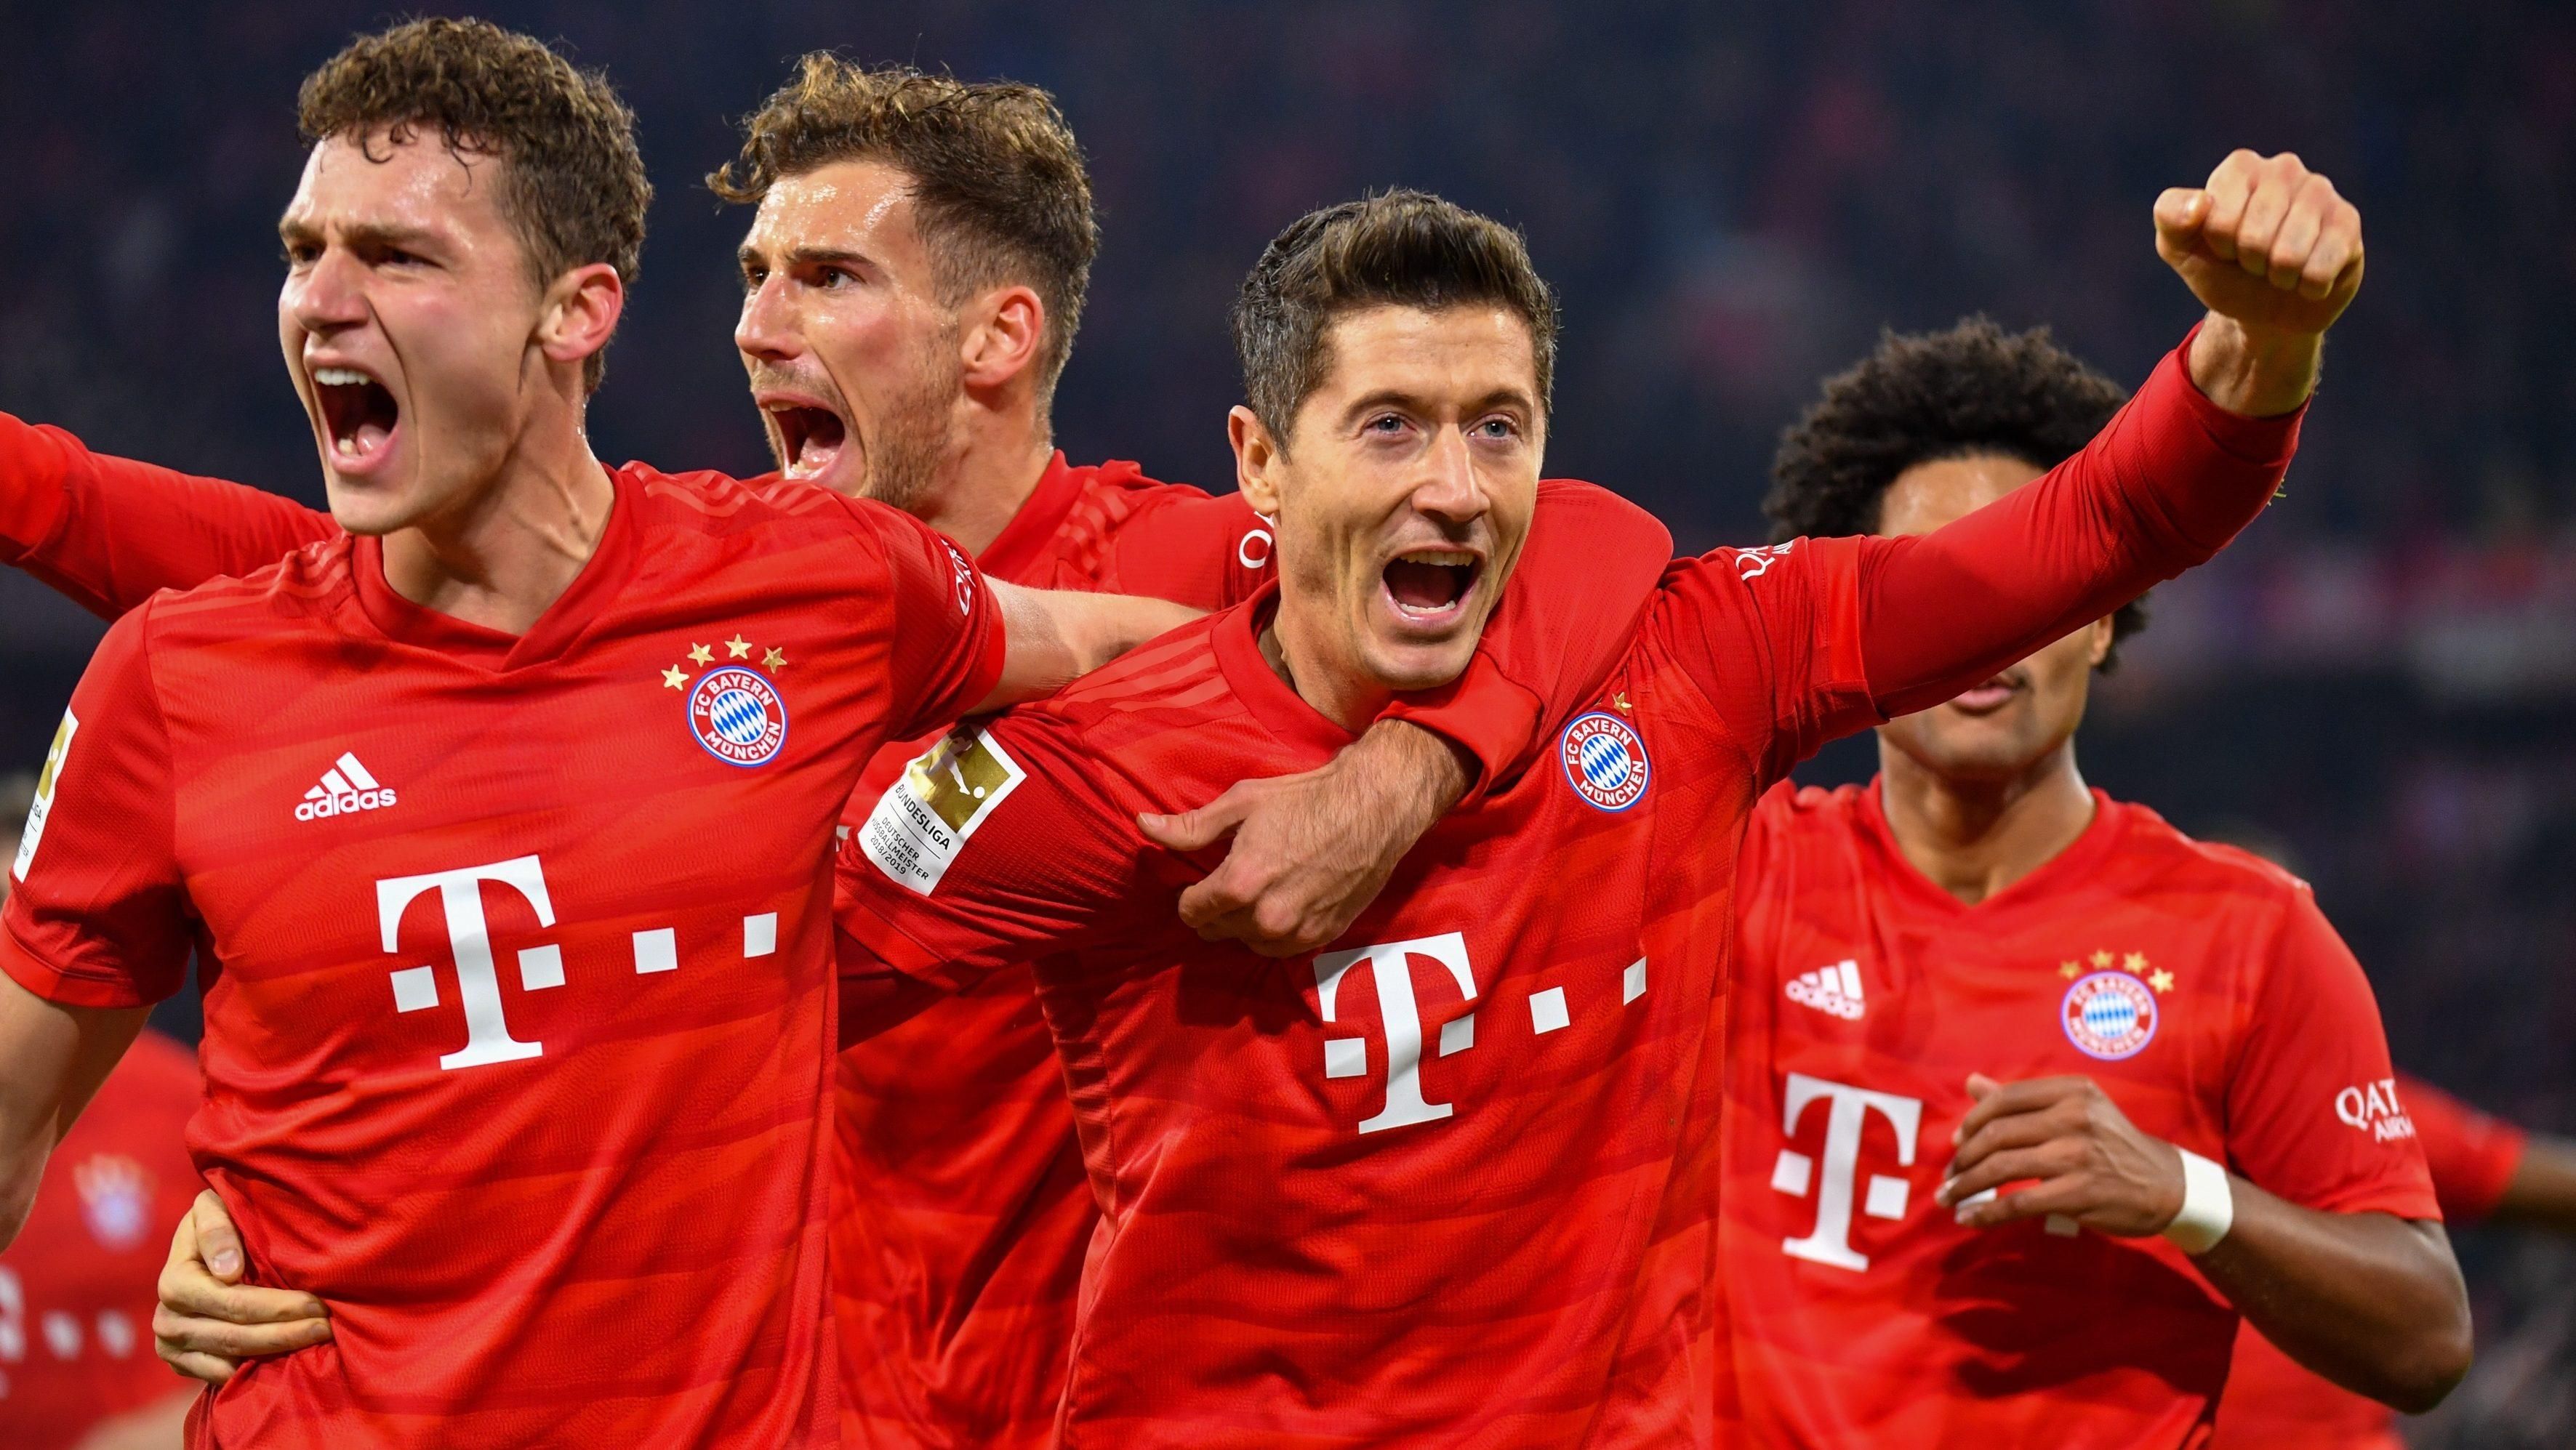 Bayern too good for Dortmund in Der Klassiker